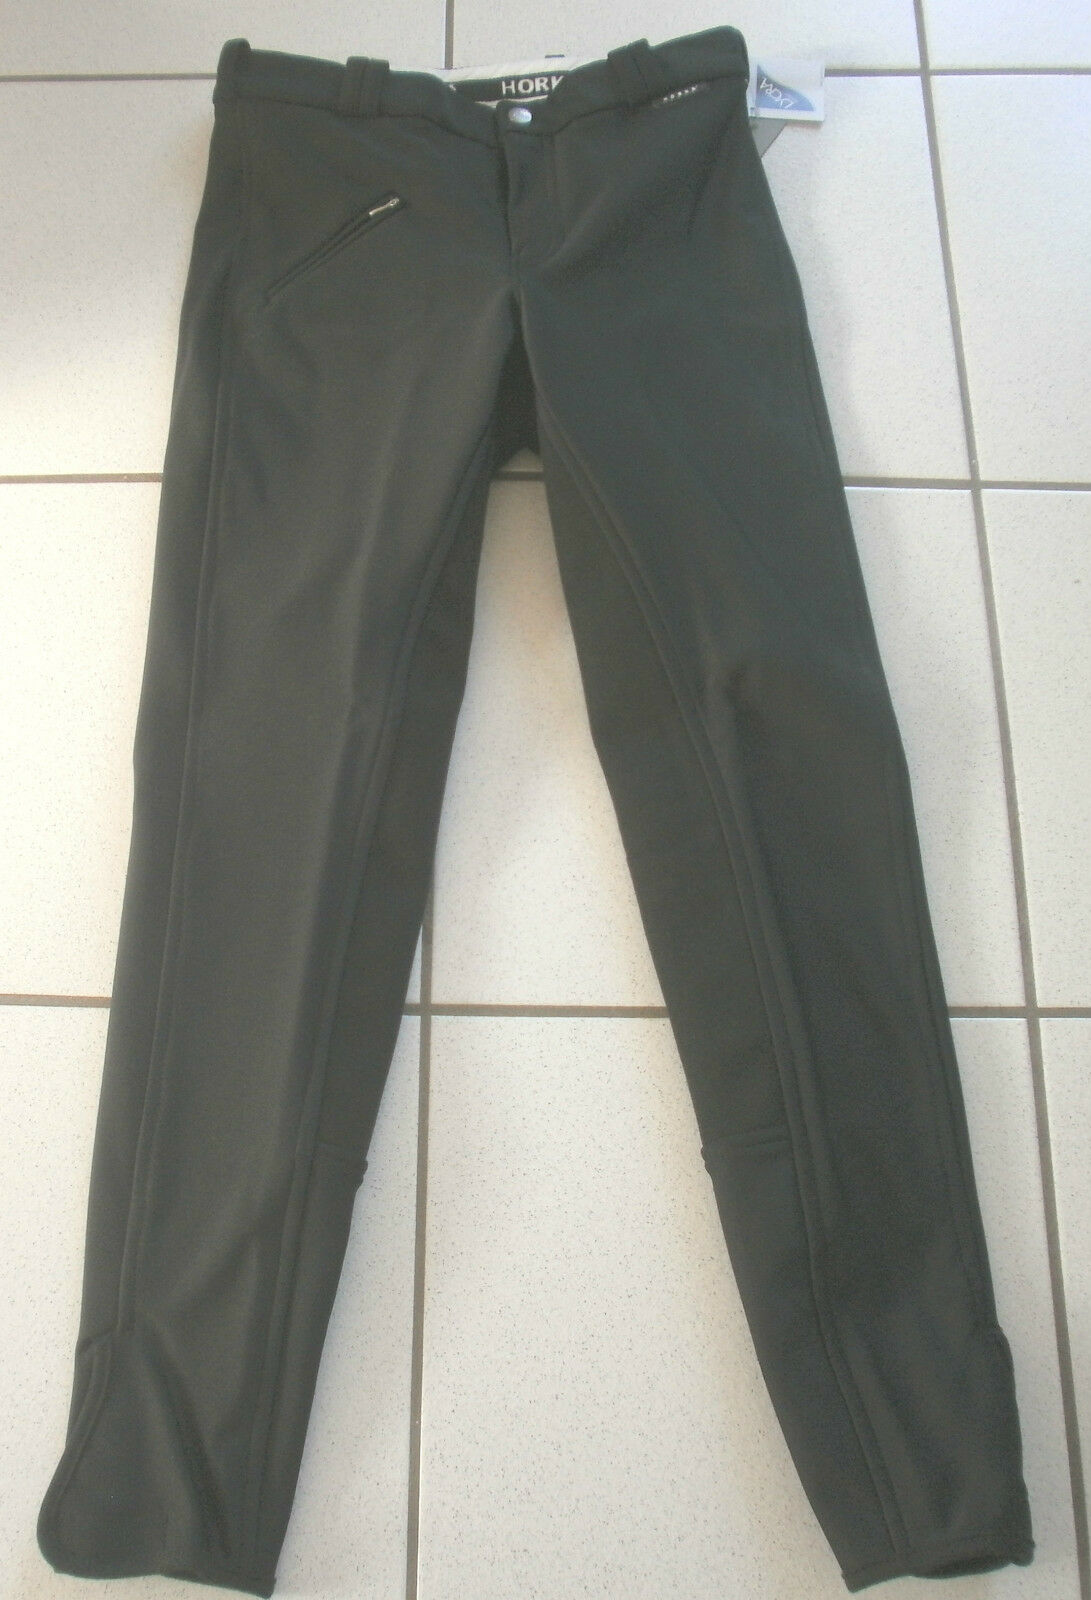 Horka Softshell Reithose (Winter) Vollbesatz, schwarz, Gr.176(3407), Sonderpreis  | Zahlreiche In Vielfalt  | eine breite Palette von Produkten  | Schöne Farbe